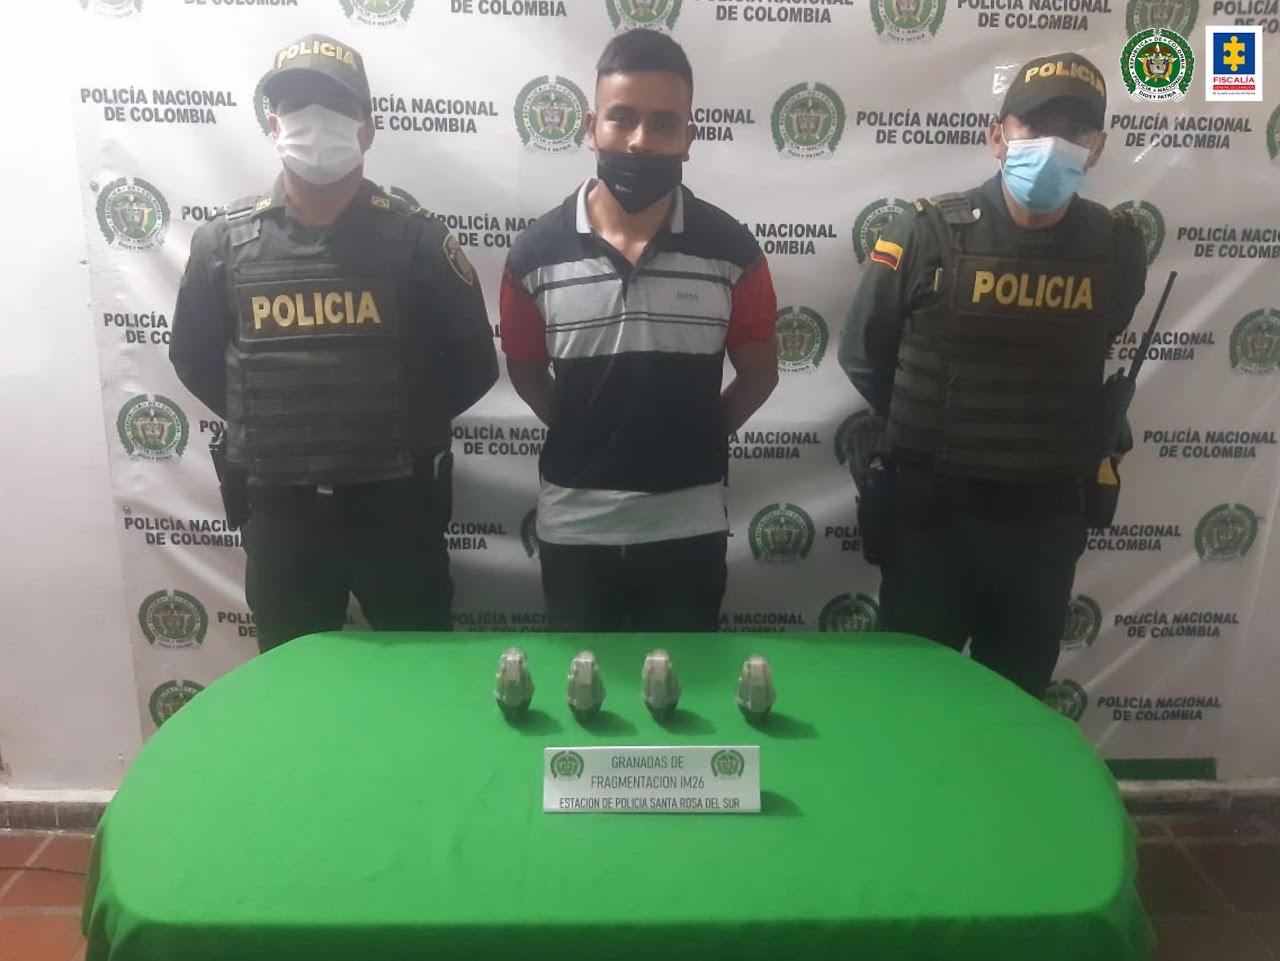 A la cárcel por porte de municiones de uso privativo de las fuerzas armadas - Noticias de Colombia